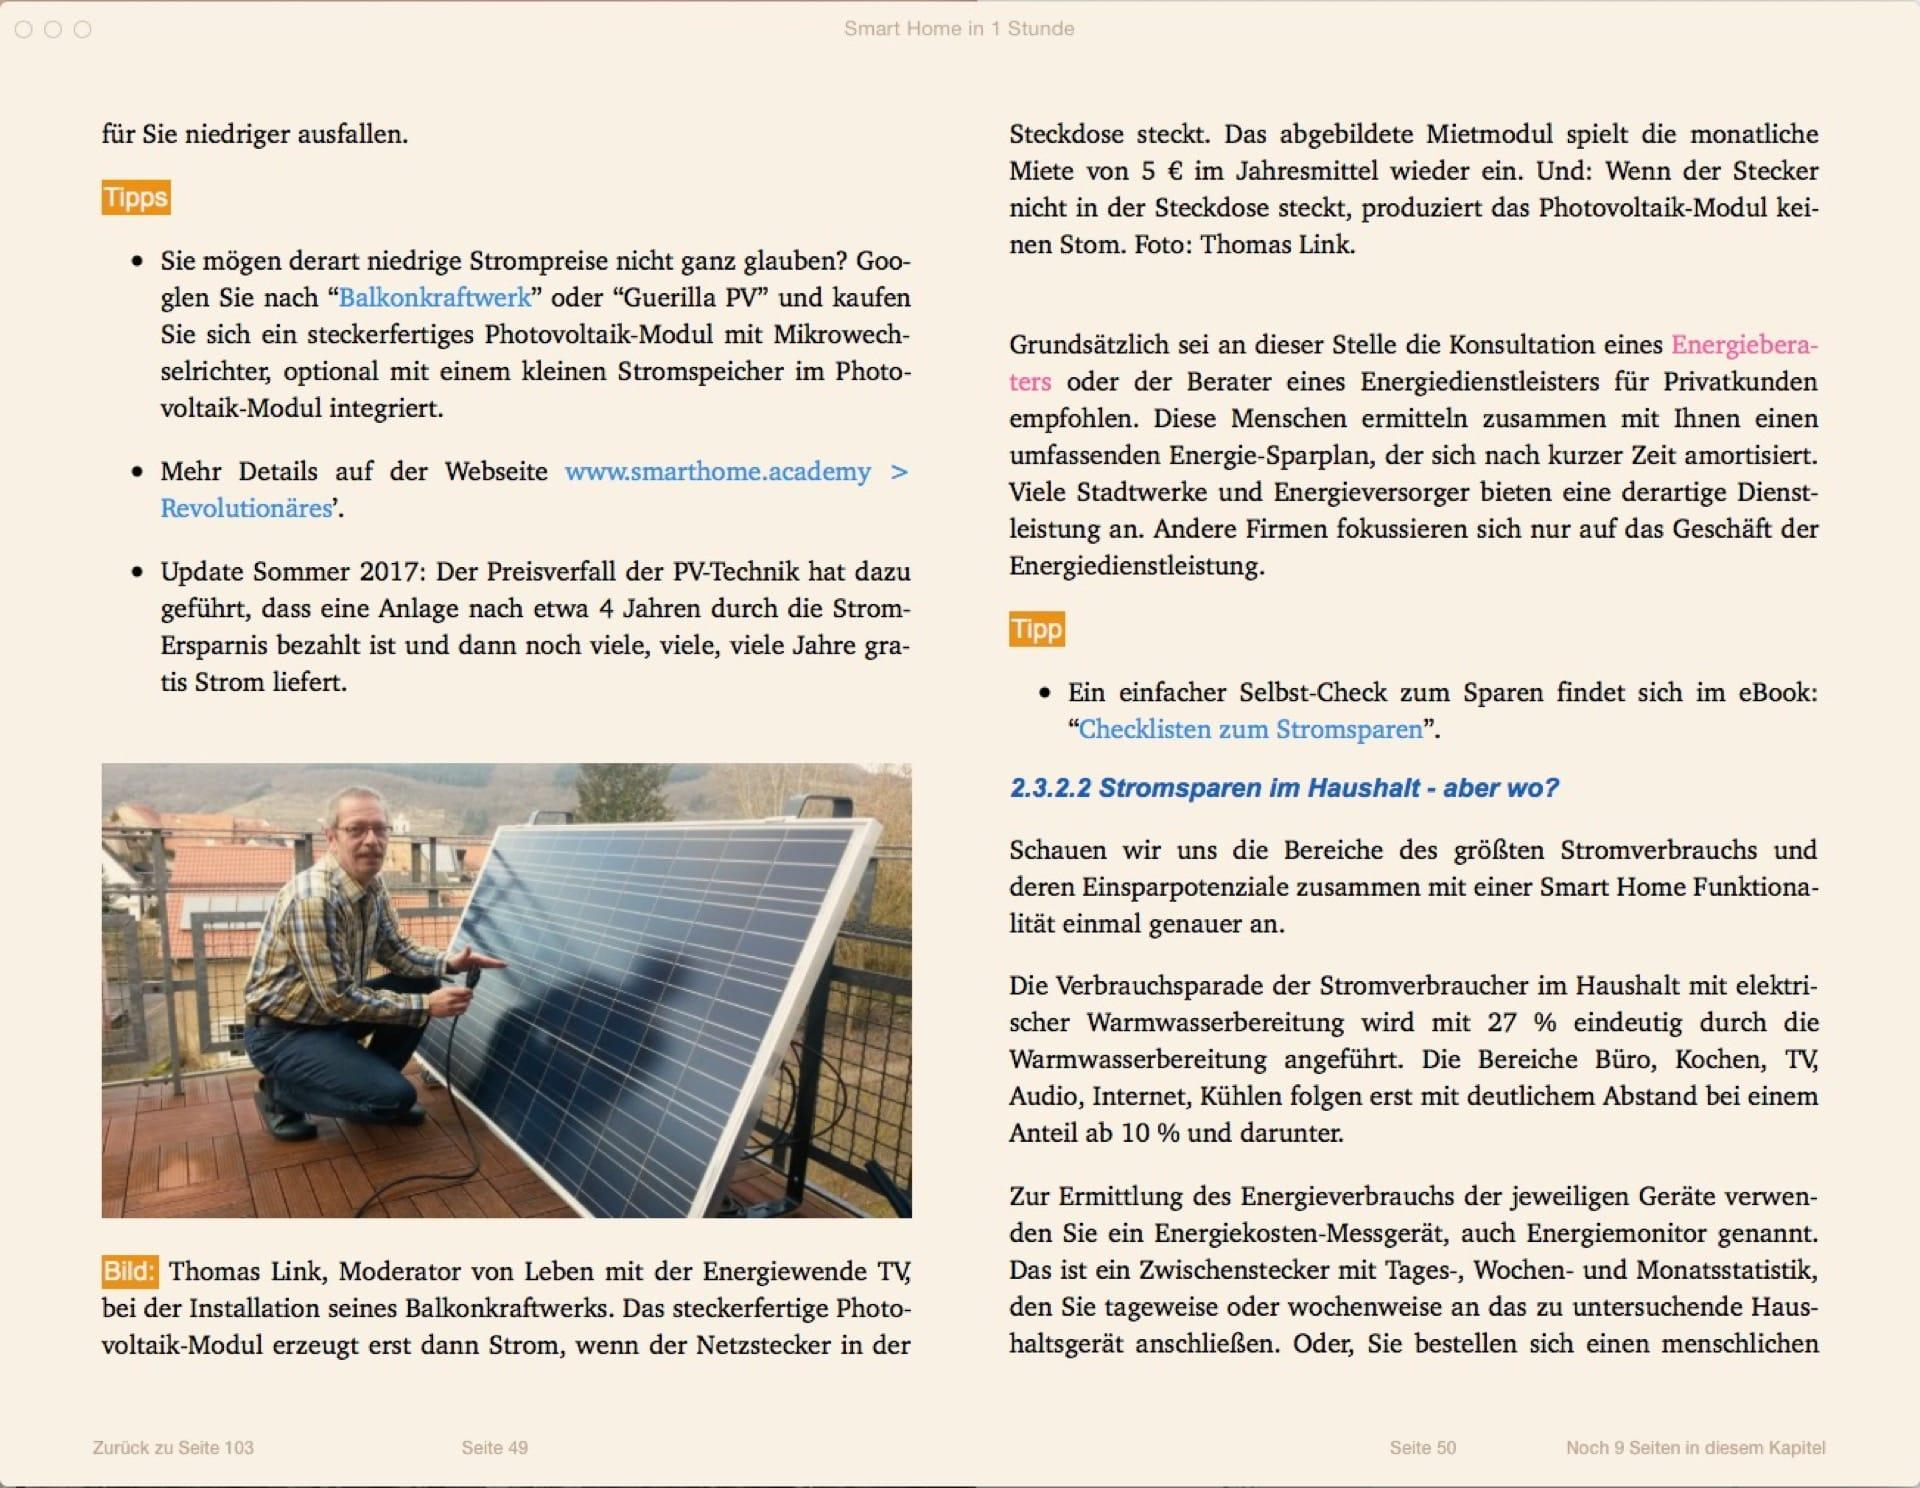 Mit dem Balkonkraftwerk: Strom selber machen. Mini-PV-Anlage für den Balkon - auch Guerilla-PV genannt.